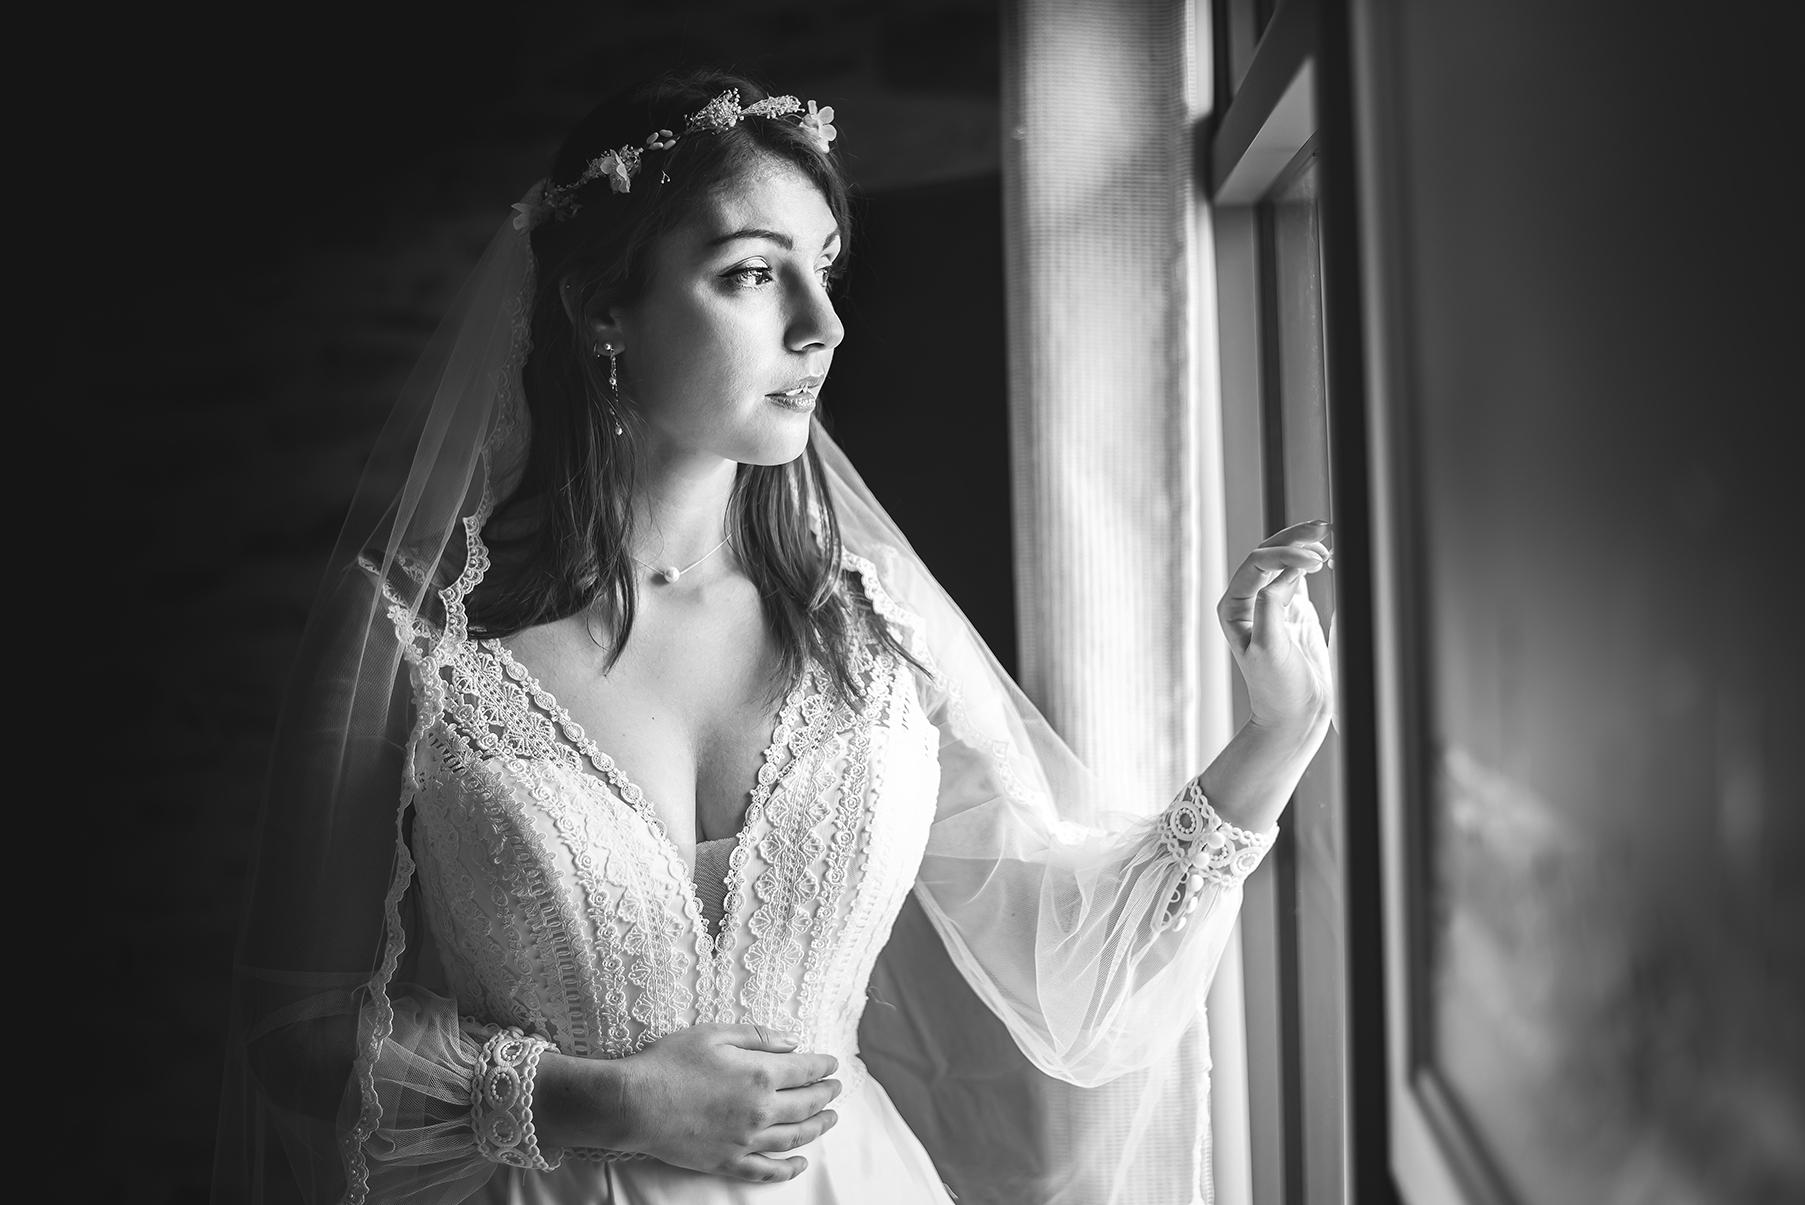 Comment bien préparer son mariage pour avoir de jolies photos ?